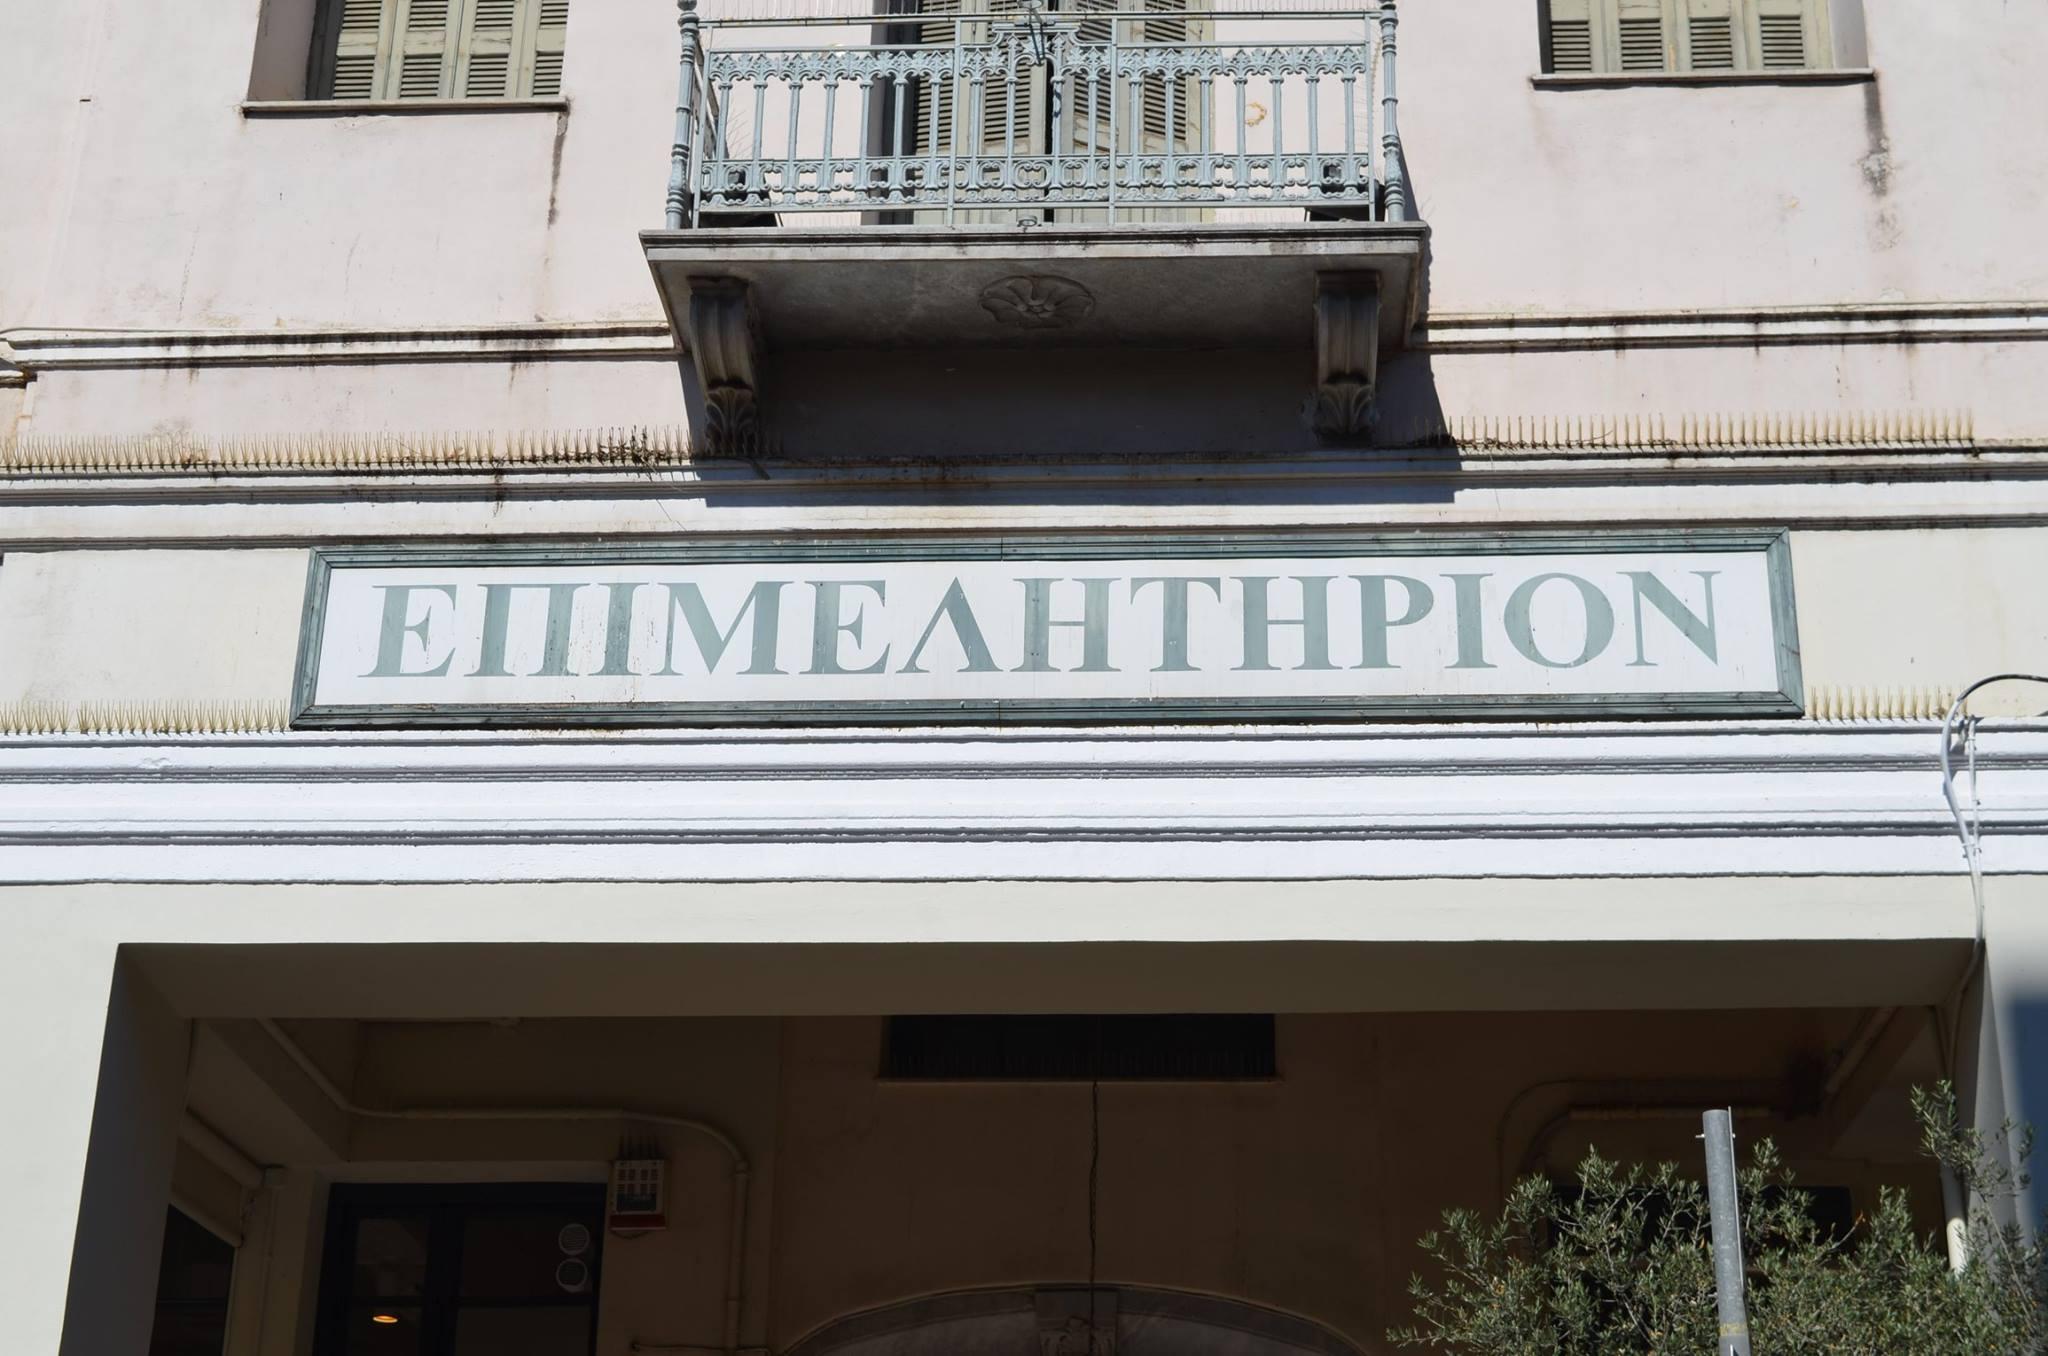 Επιμελητήριο Μεσσηνίας: Oρίστηκε η Διοικητική Επιτροπή